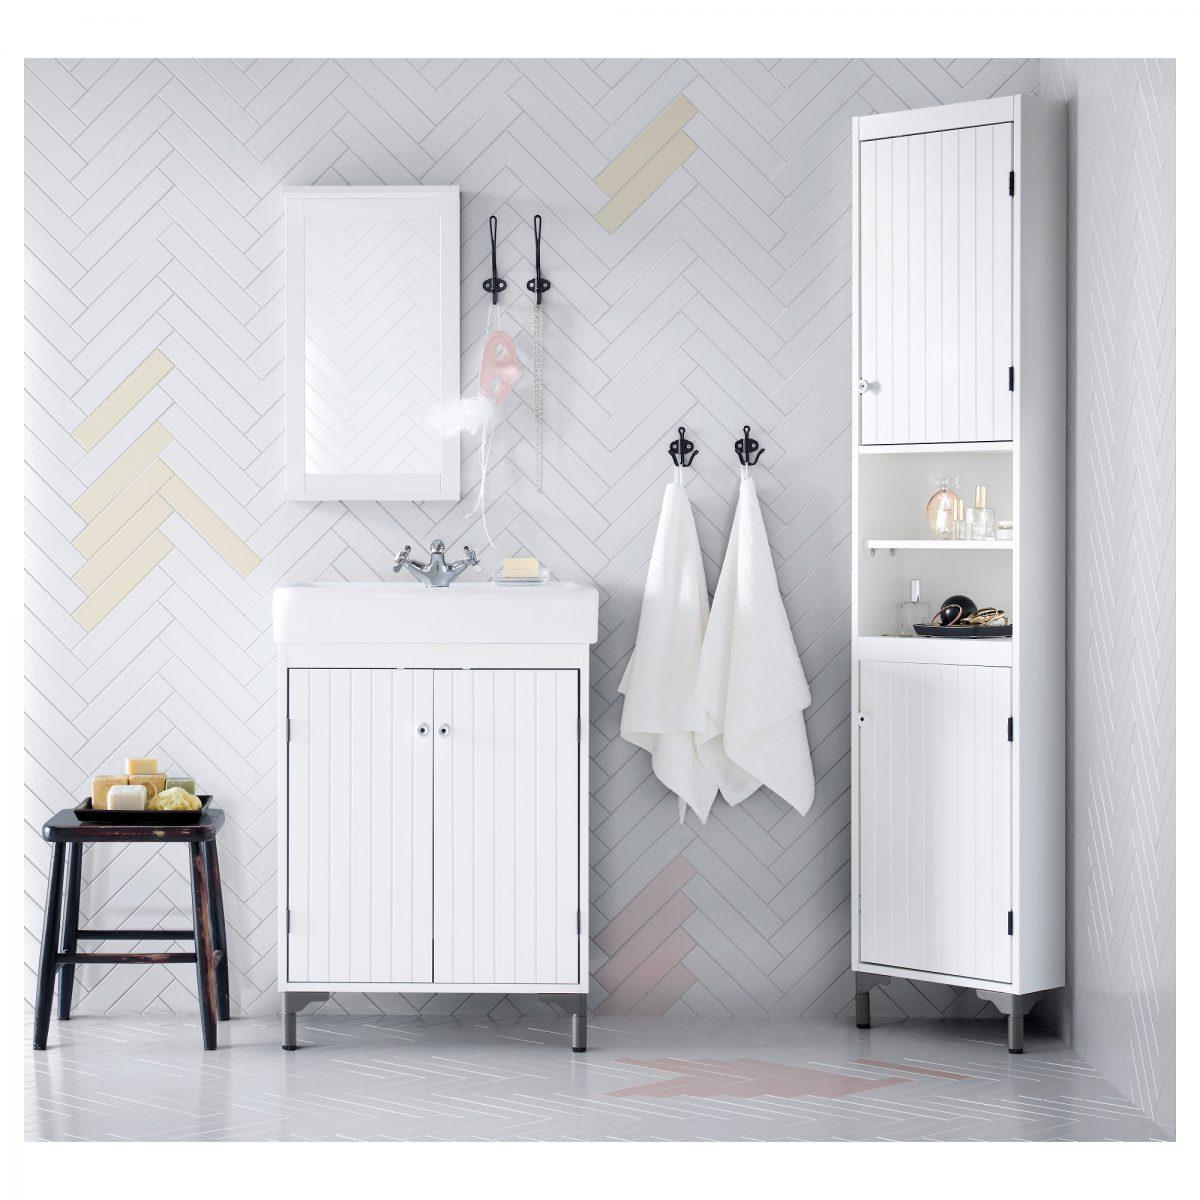 Bagno ikea 2018 - Ikea prodotti bagno ...